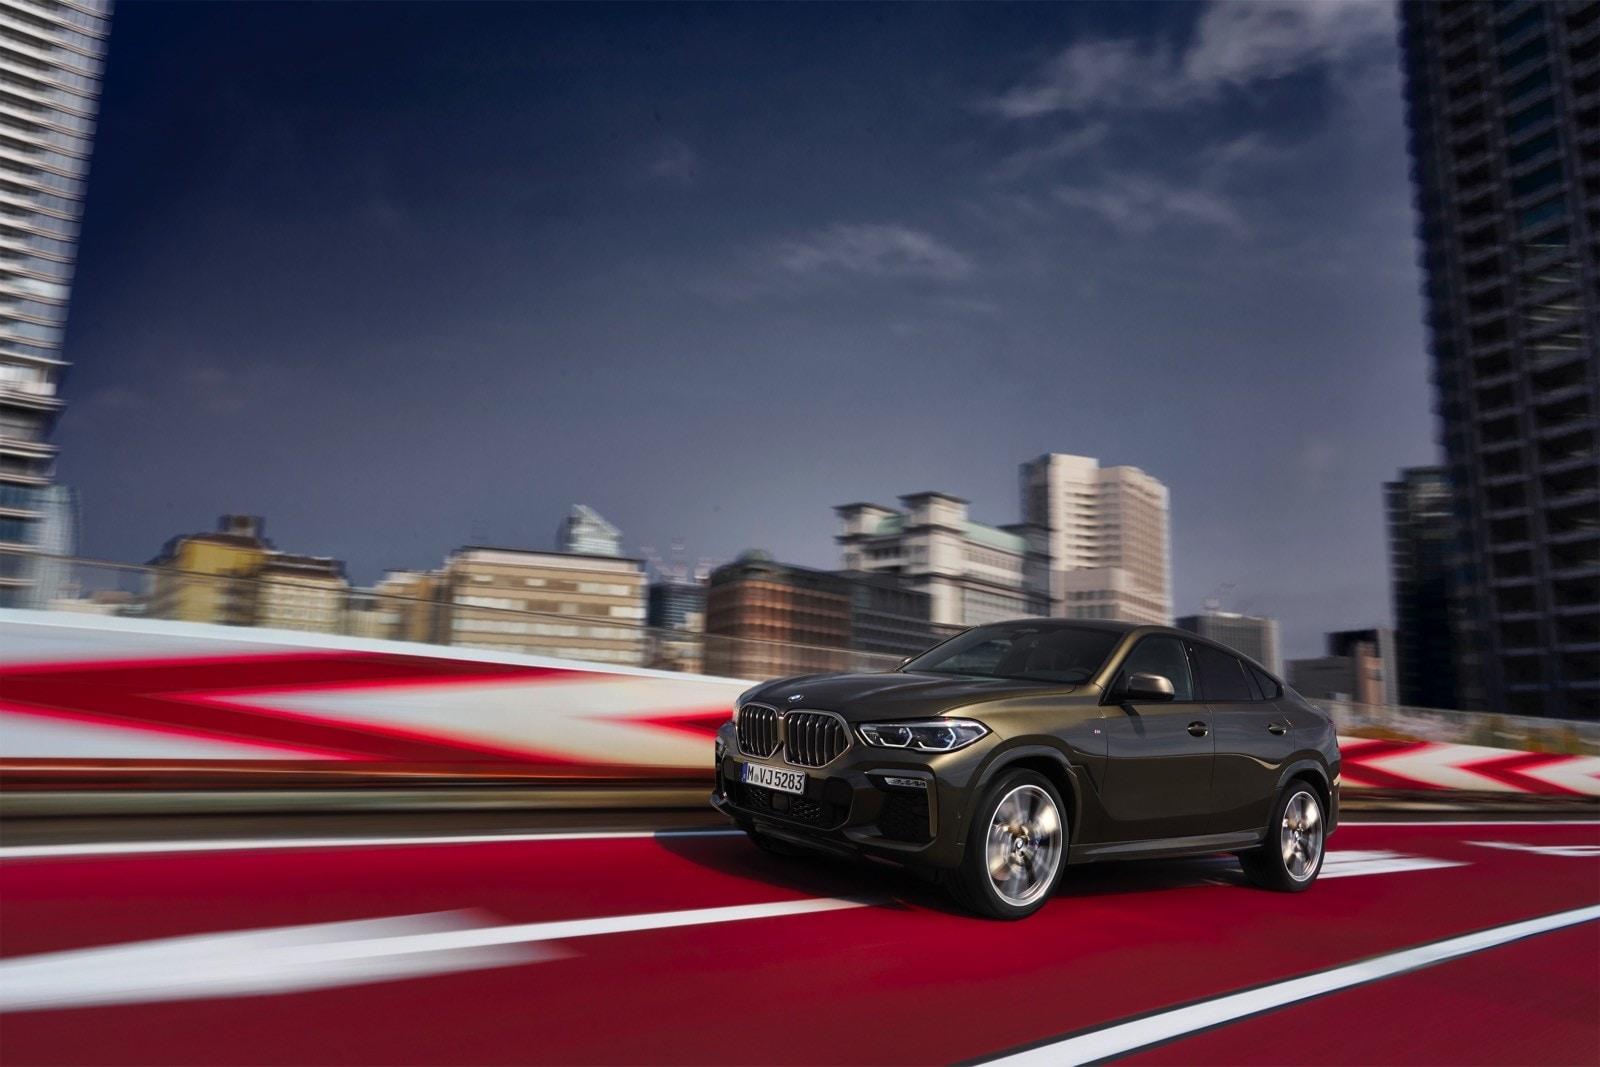 BMW X6 terza generazione: le foto